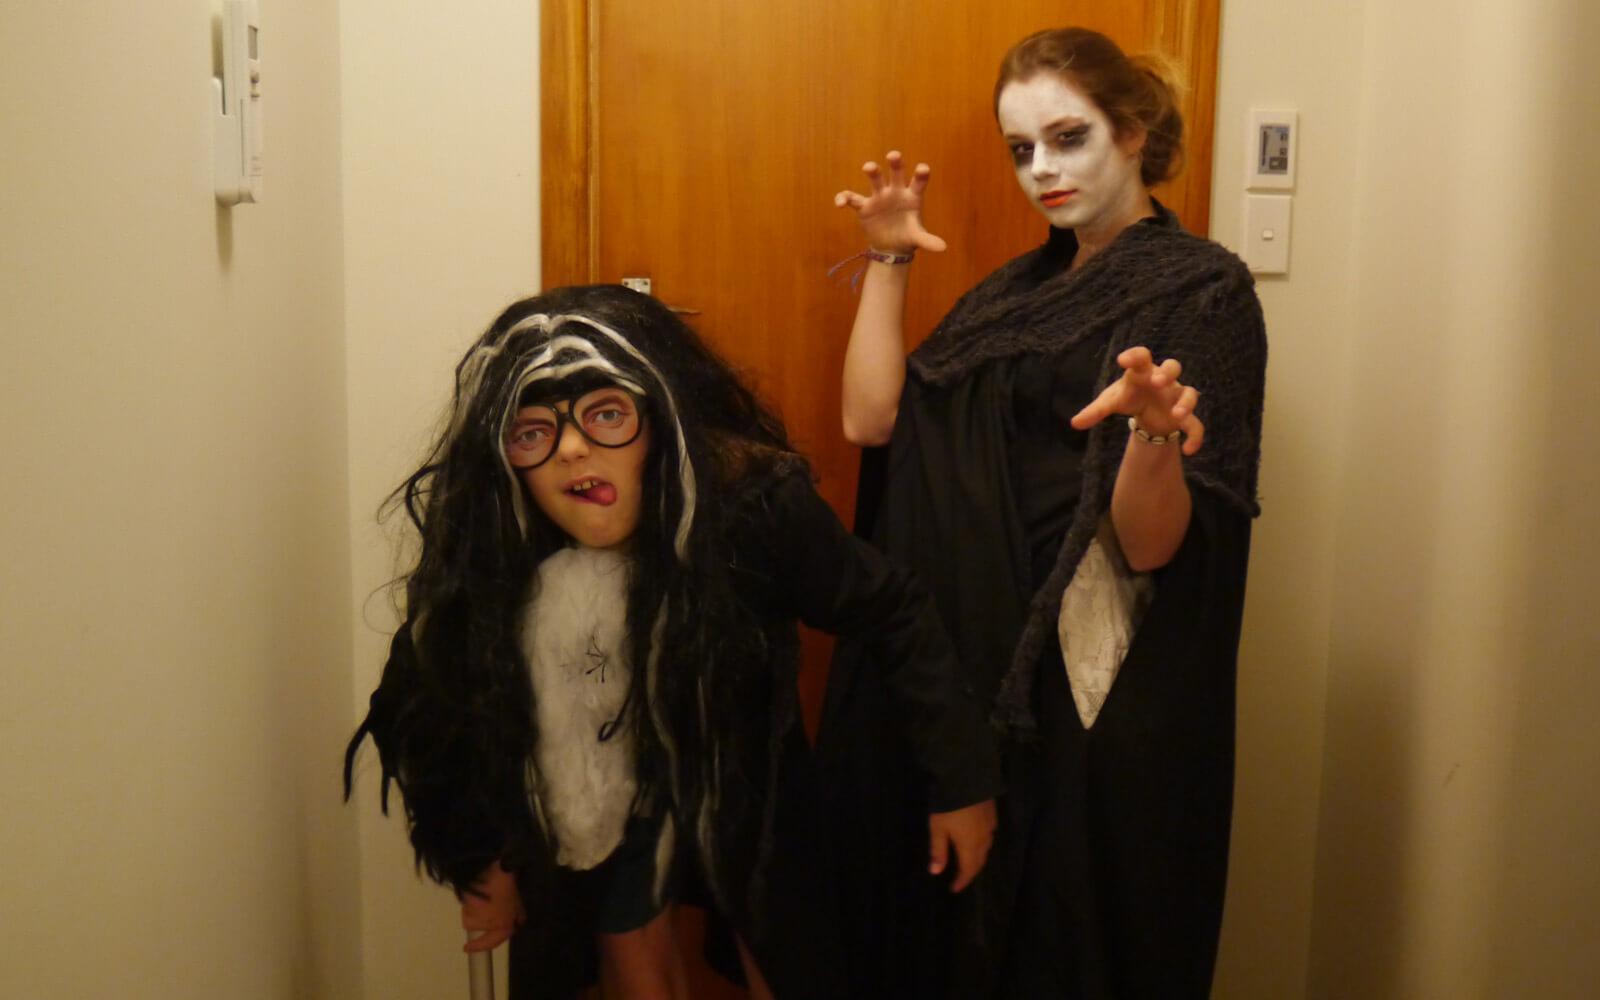 Stepin-Stipendiatin Miriam und ihr Gastbruder im Halloween-Kostüm